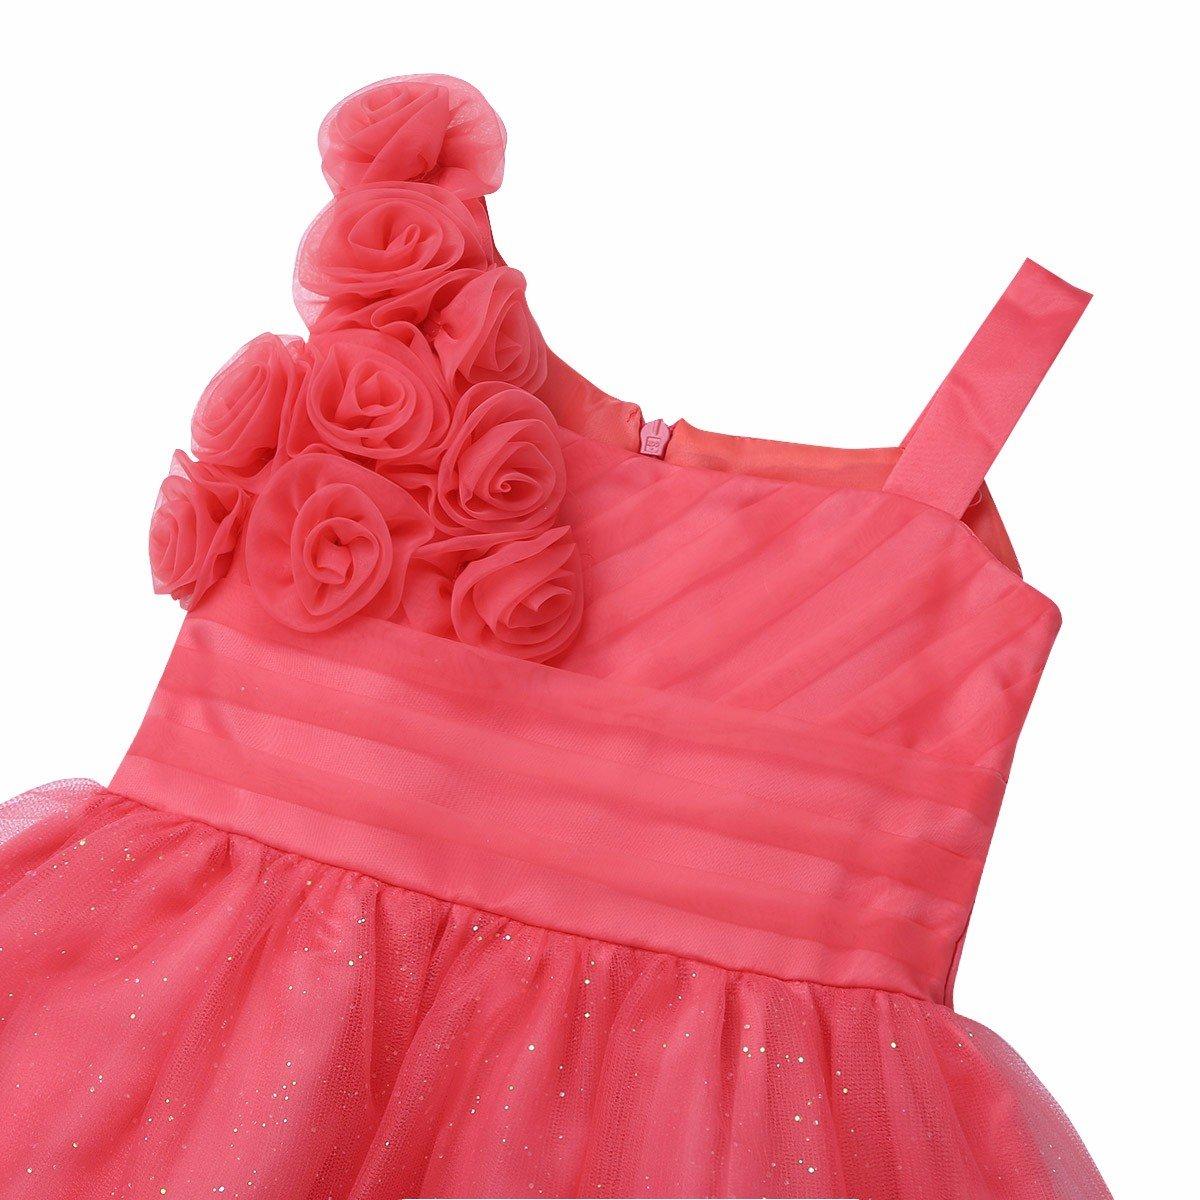 Tiaobug Babykleider M/ädchen festlich Taufkleid Blumenm/ädchen Prinzessin Hochzeits Kleider Kleinkind Kleidung